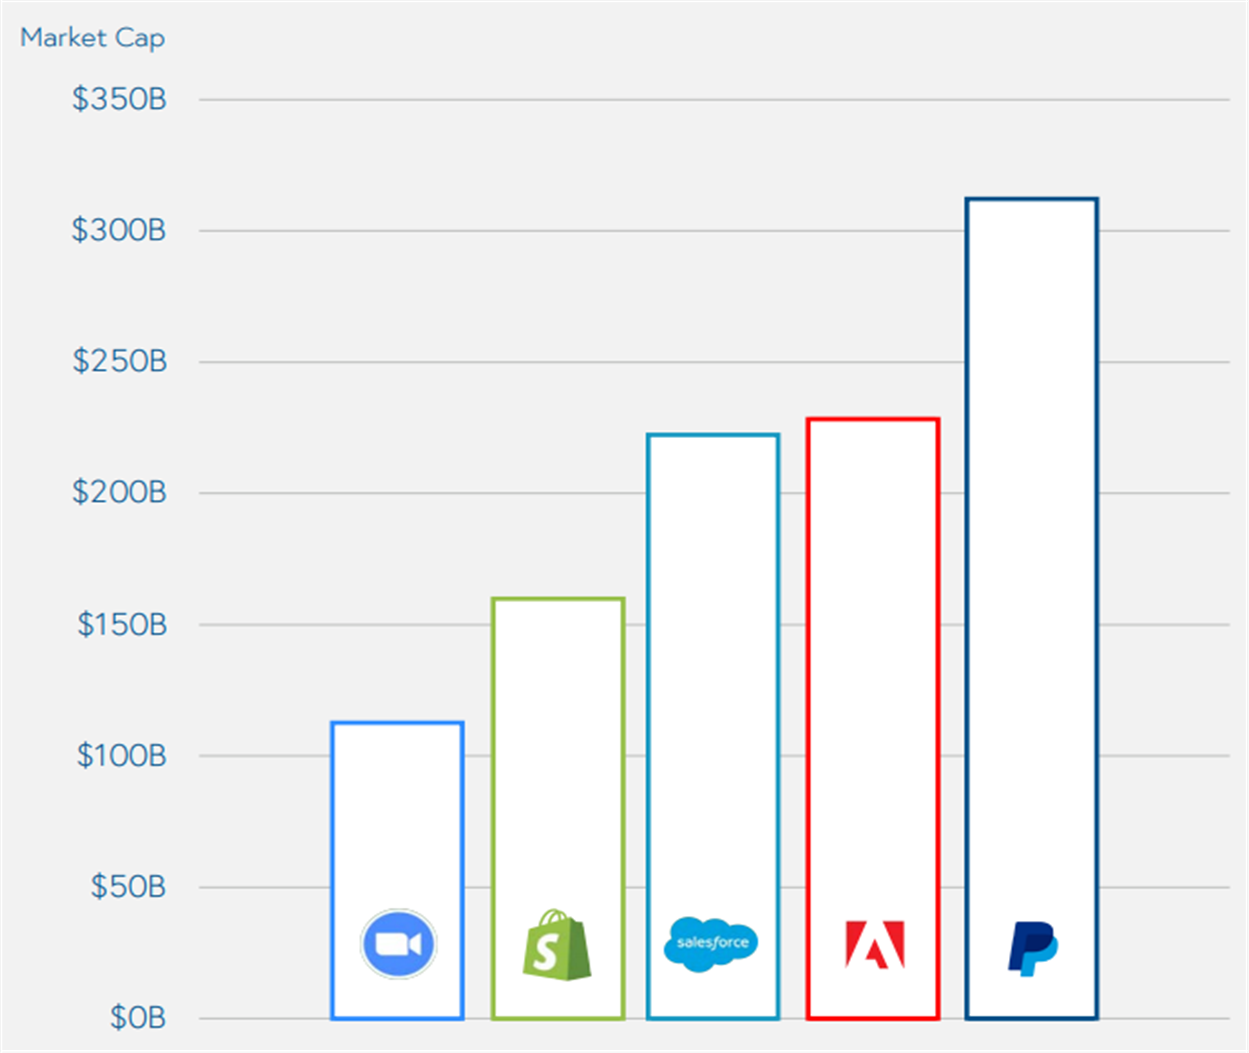 5대 퍼블릭 클라우드 기업의 기업 가치